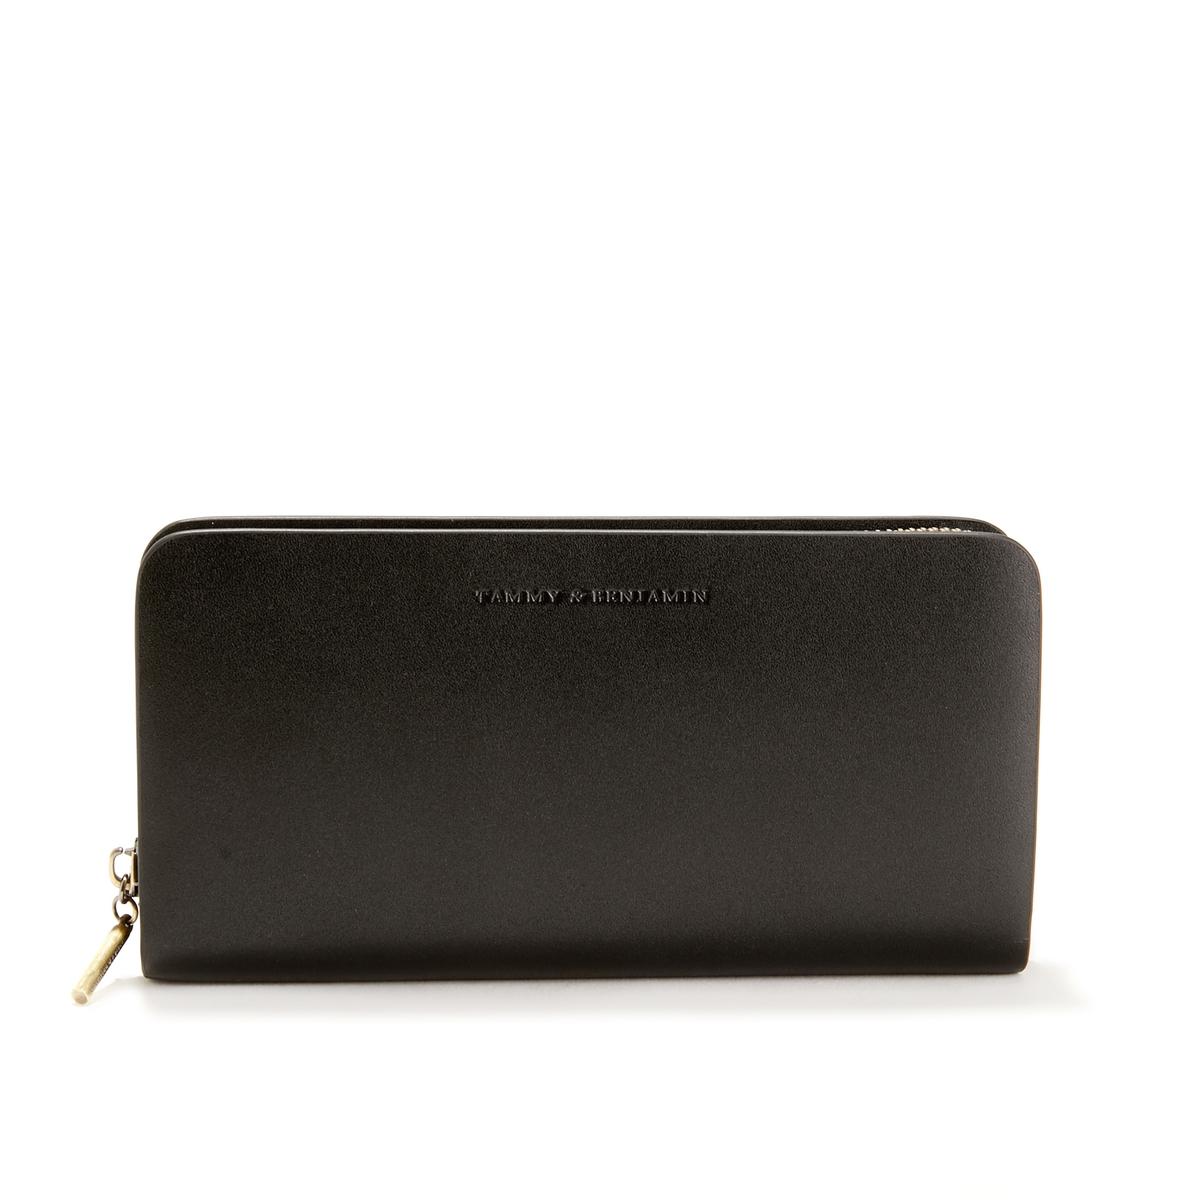 Бумажник La Redoute Из гладкой кожи EVA COWHIDE единый размер черный